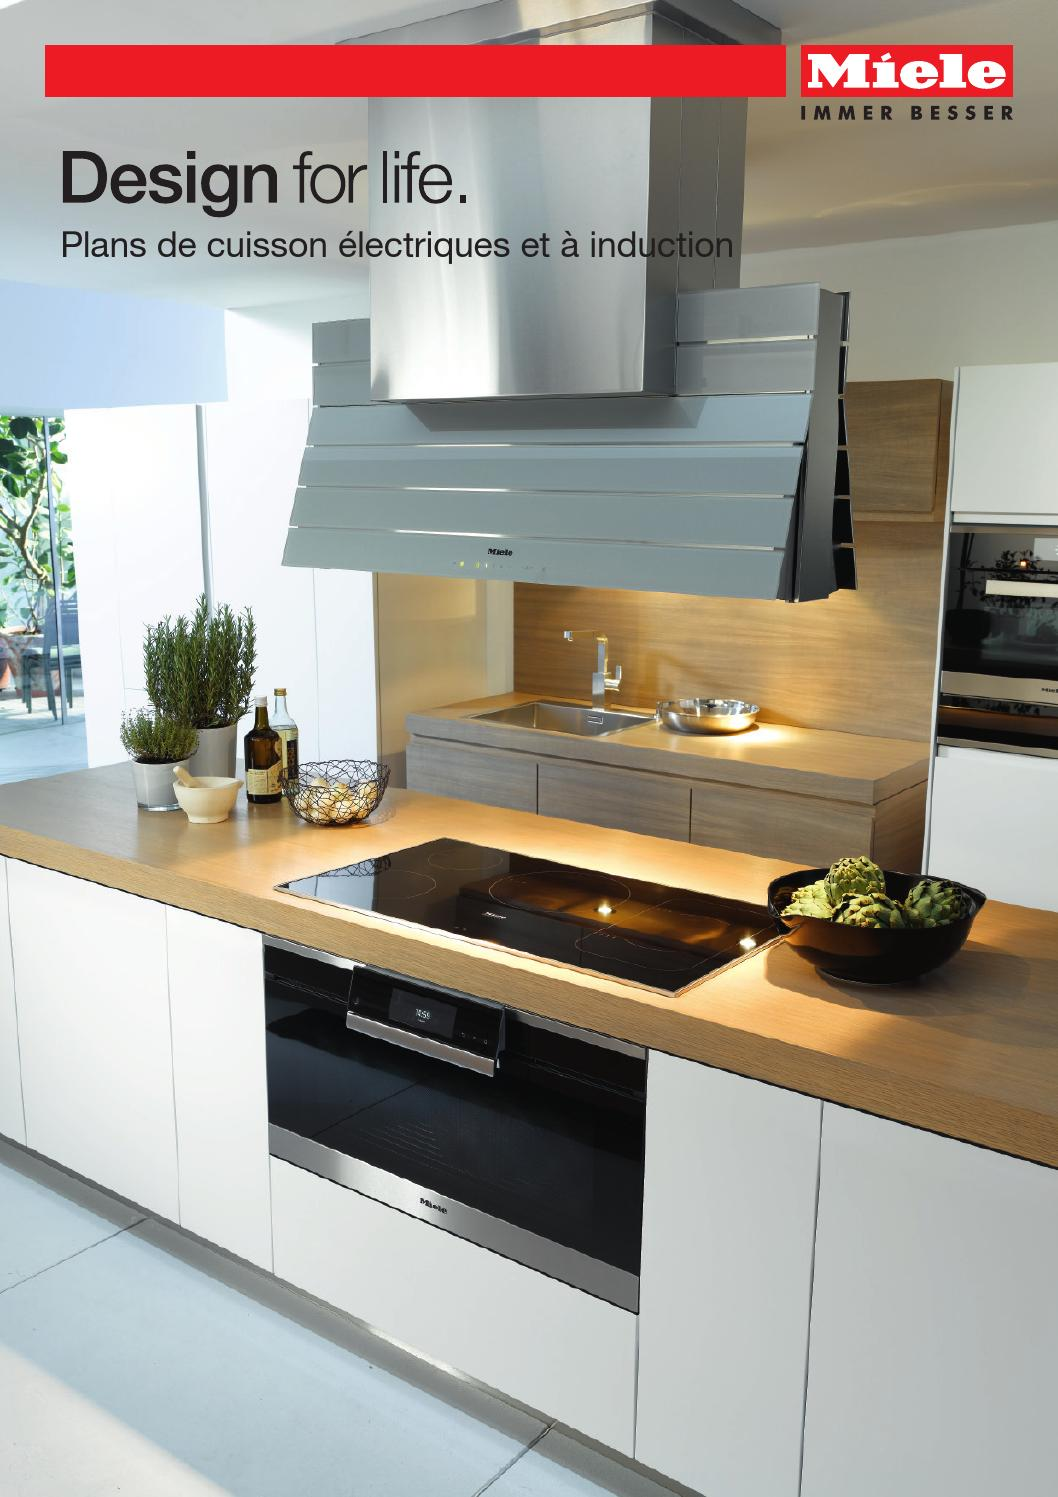 miele catalogue plans de cuisson lectriques et induction be fr by miele issuu. Black Bedroom Furniture Sets. Home Design Ideas